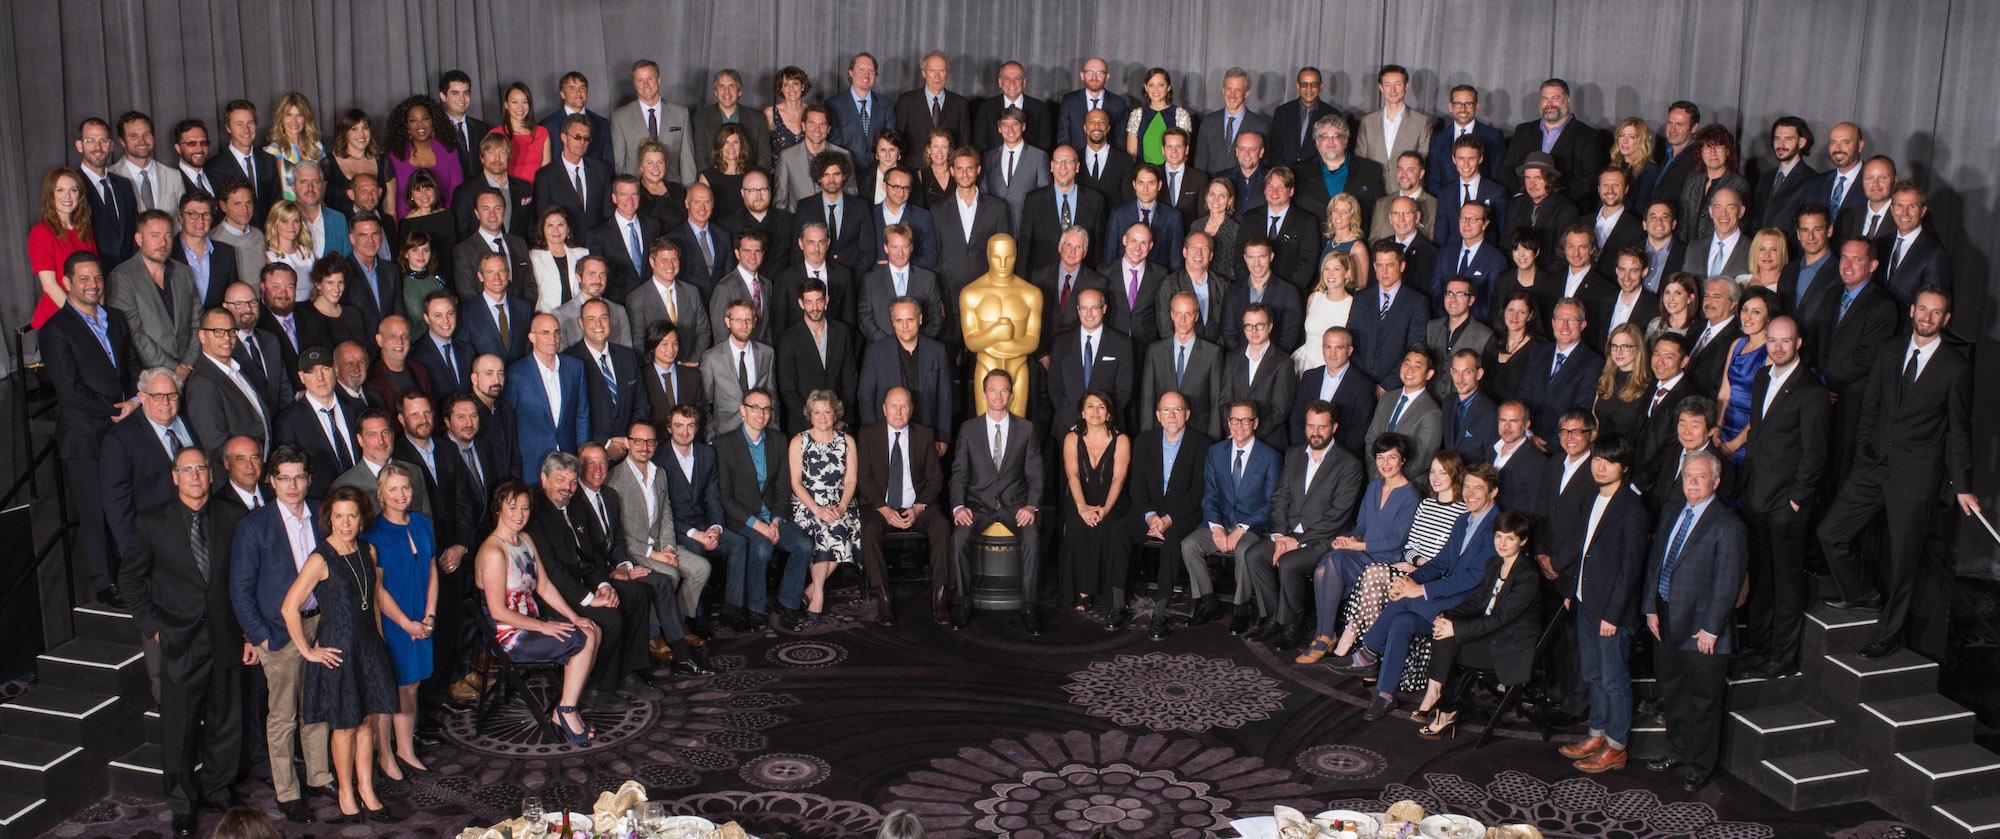 2016 oscar nominees nude - 1 9